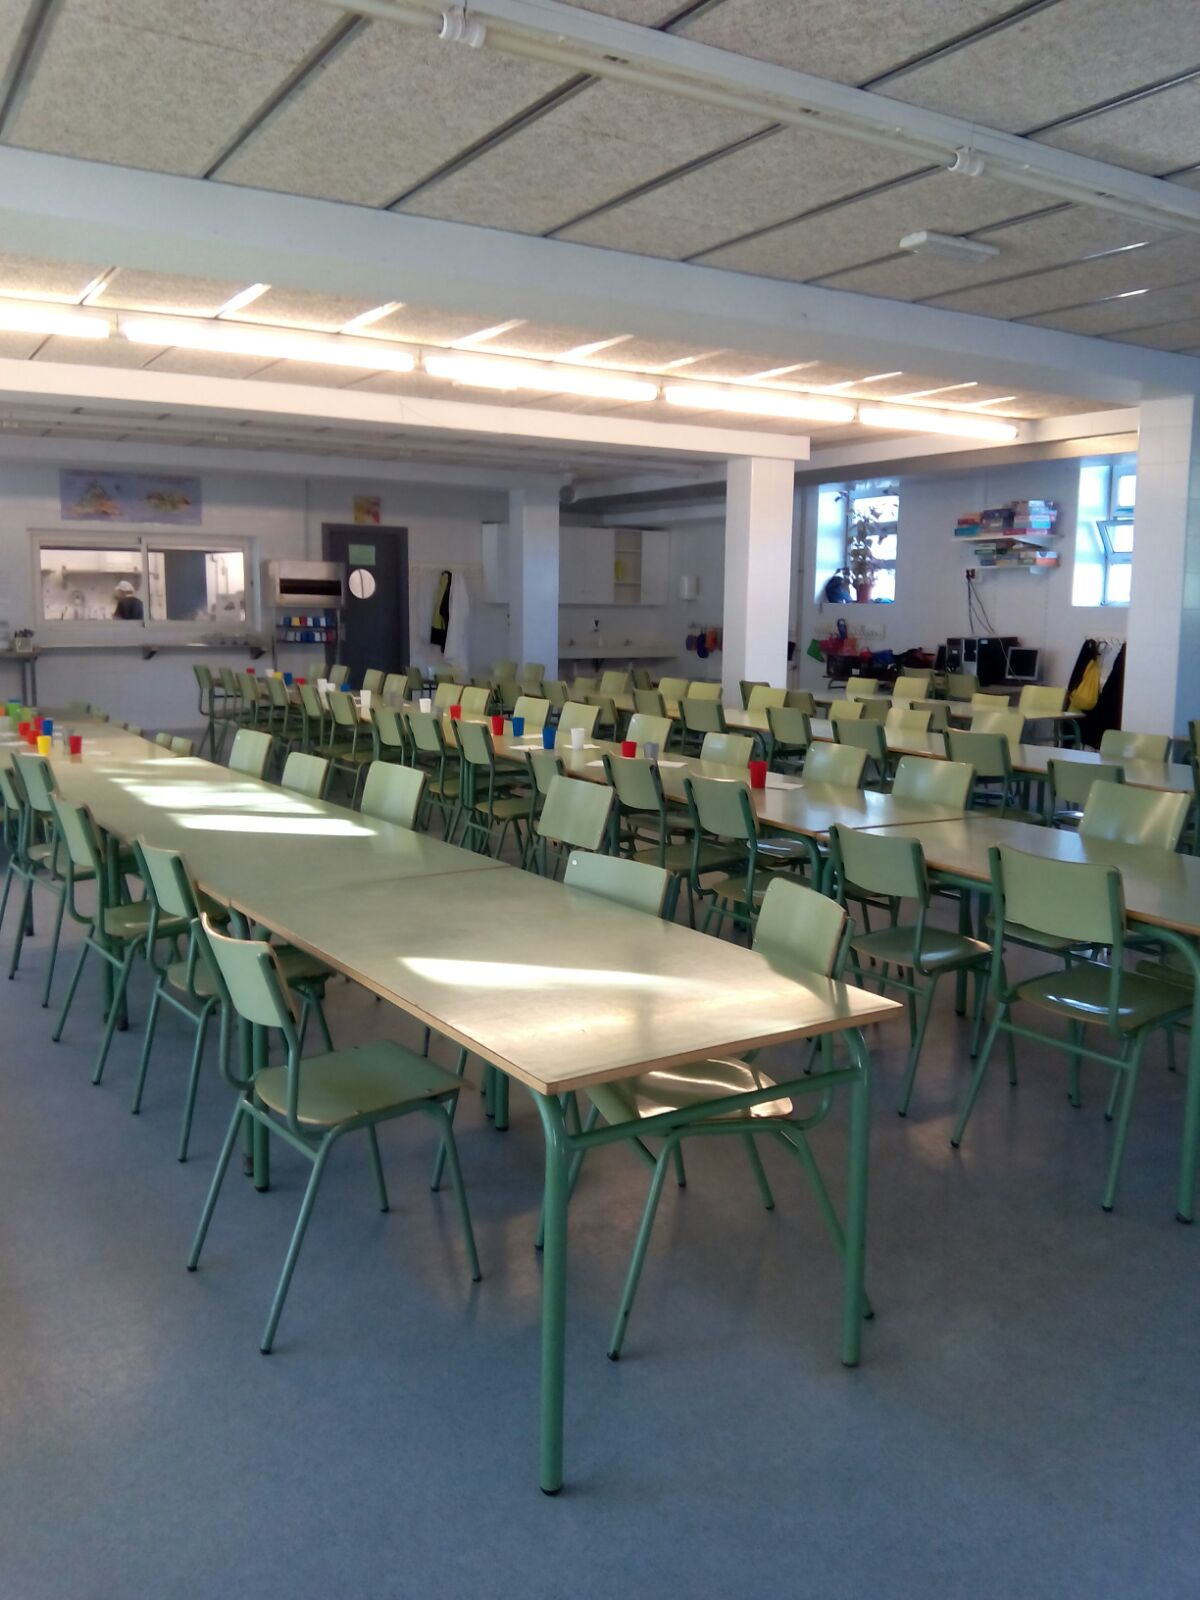 Comedor escolar del CEIP Joan Miró